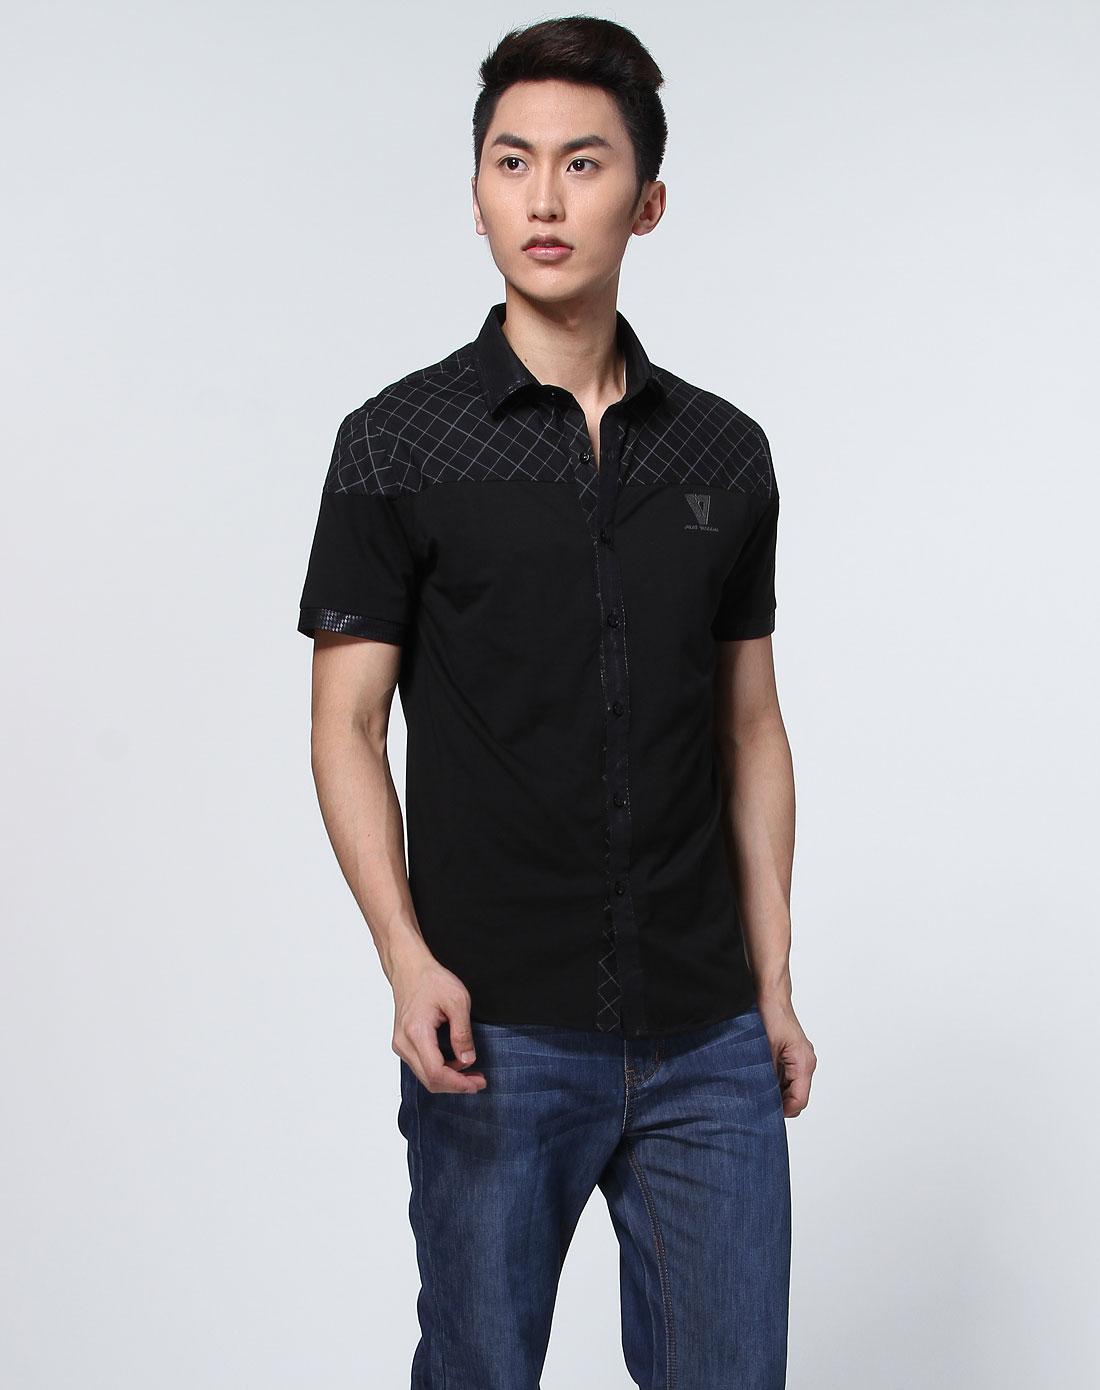 【保罗男装短袖t恤】价格 图片 品牌 怎么样 京东商城